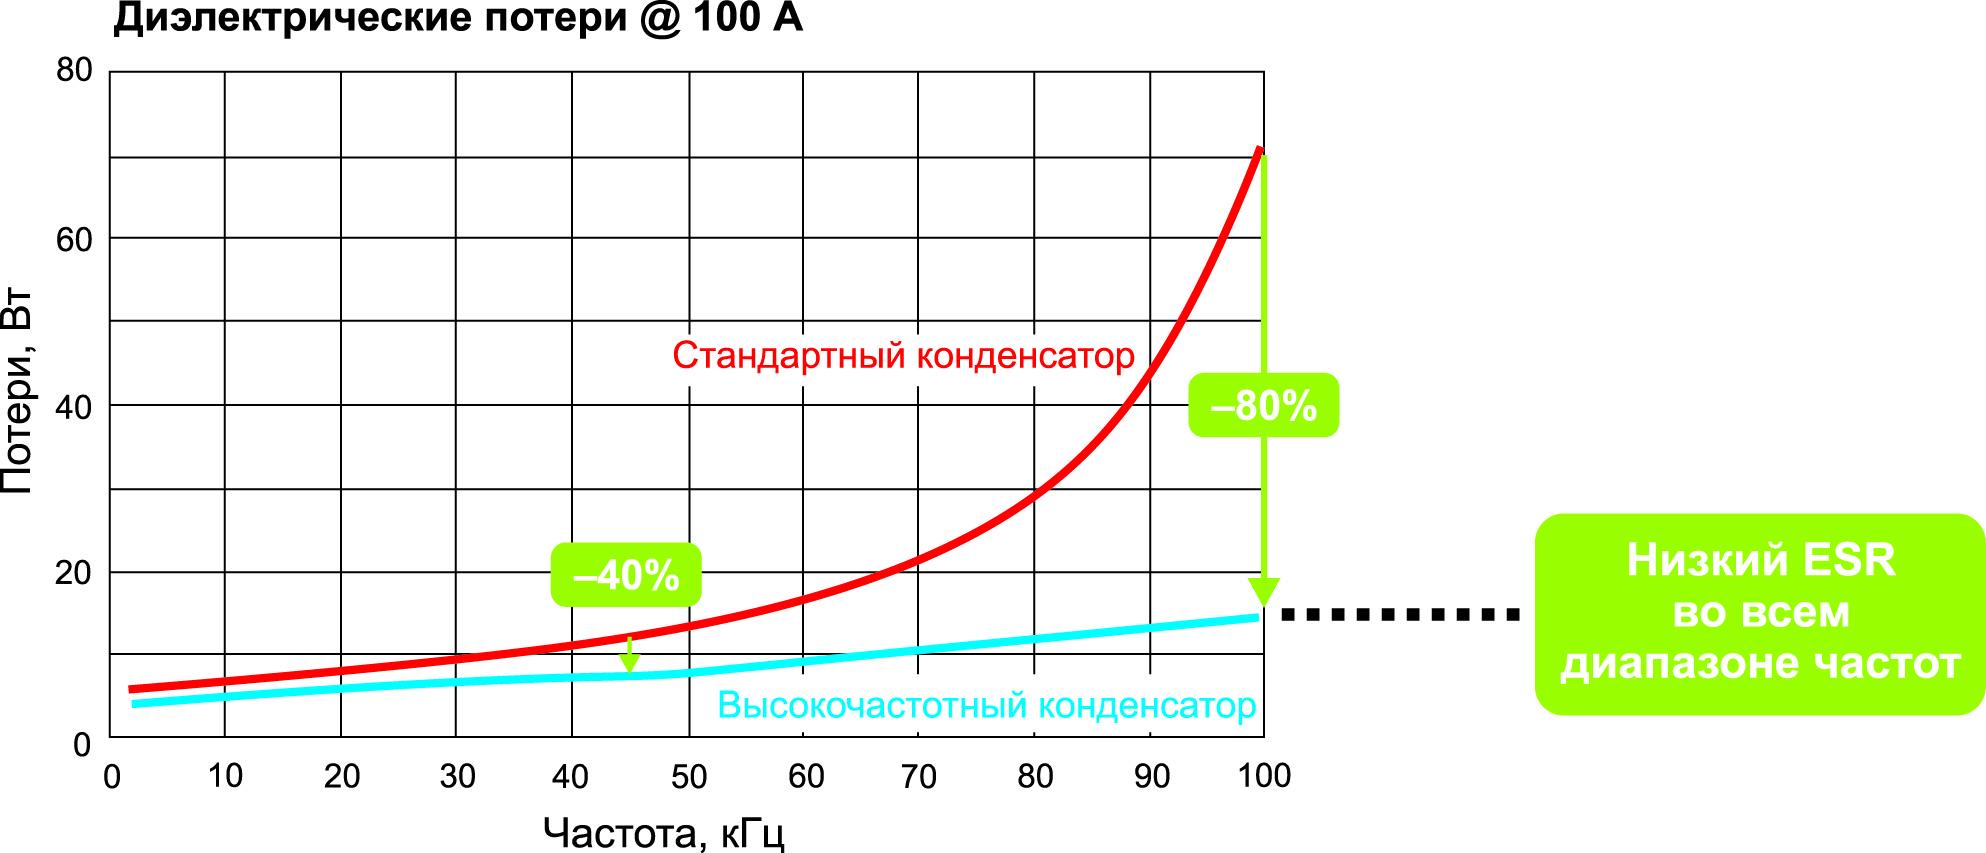 Новые высокочастотные силовые конденсаторы демонстрируют резкое снижение мощности потерь на высоких частотах по сравнению с обычными конденсаторами